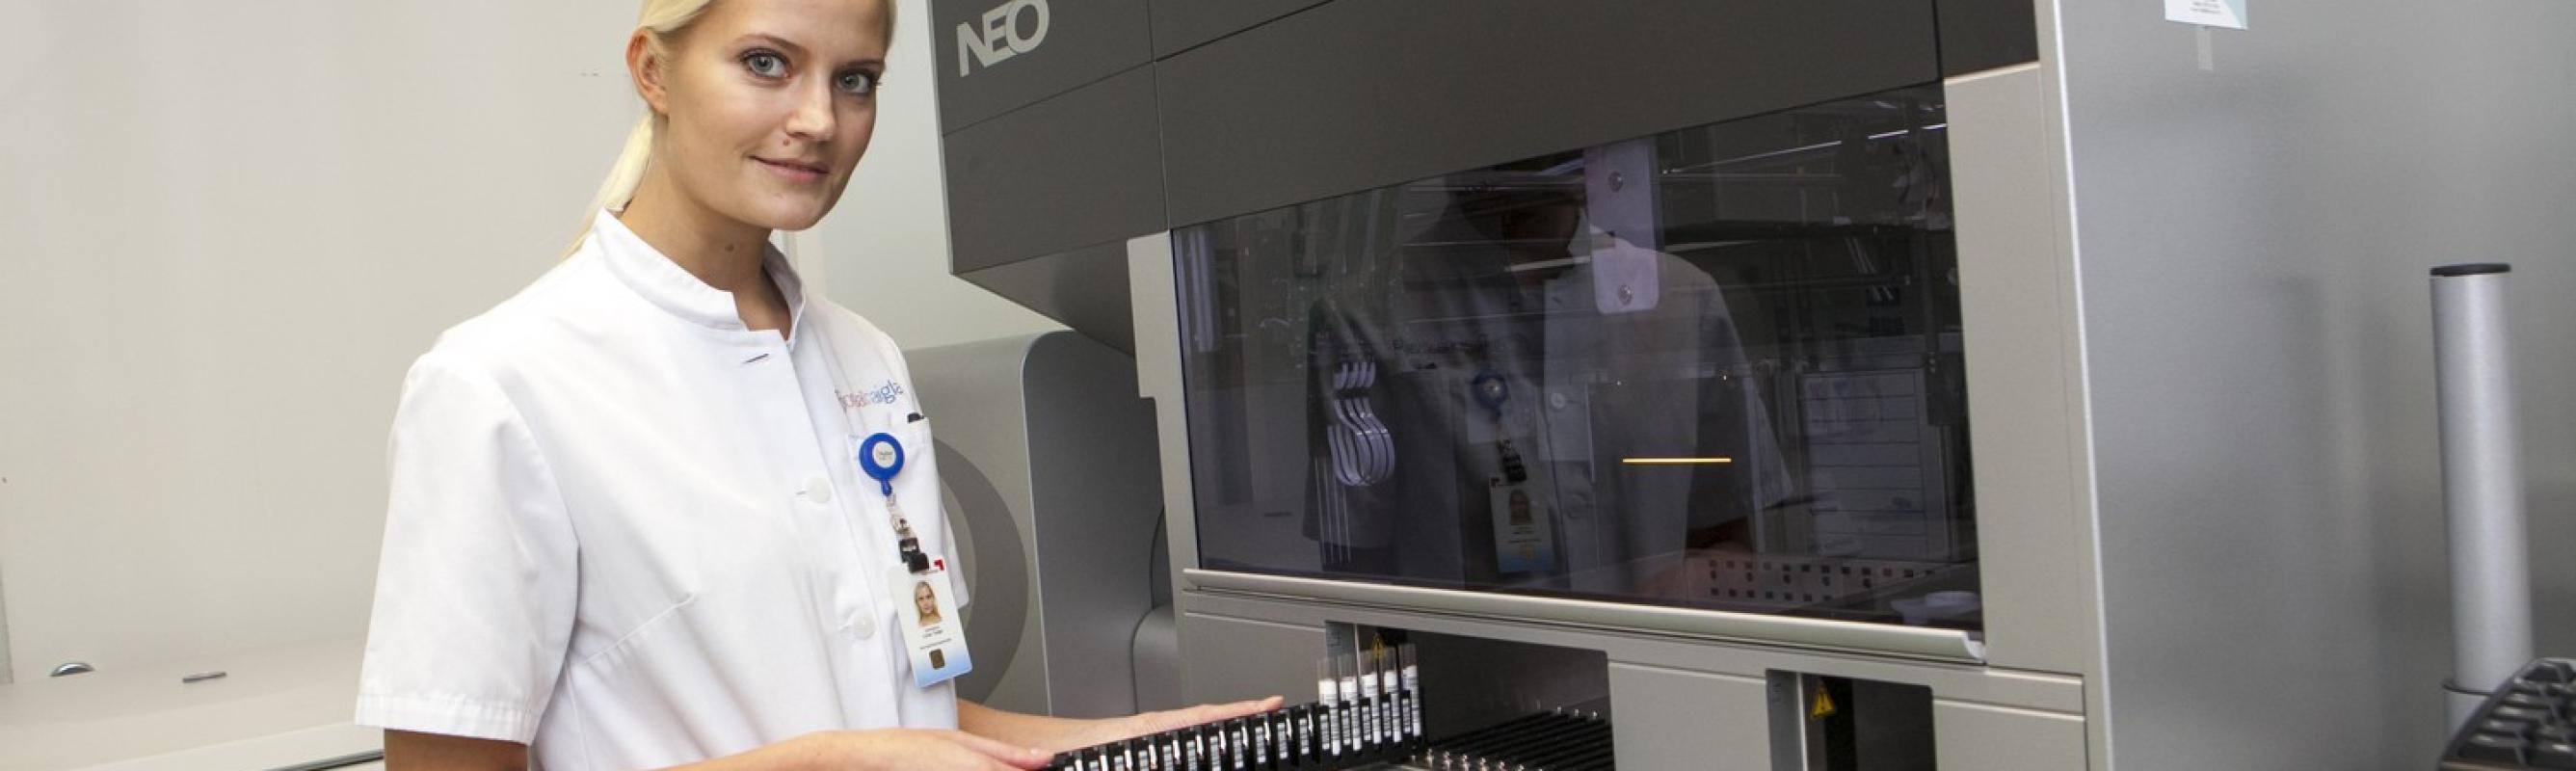 Veregruppe määratakse täisautomaatse seadmega, mis põhineb mikroplaadi meetodil